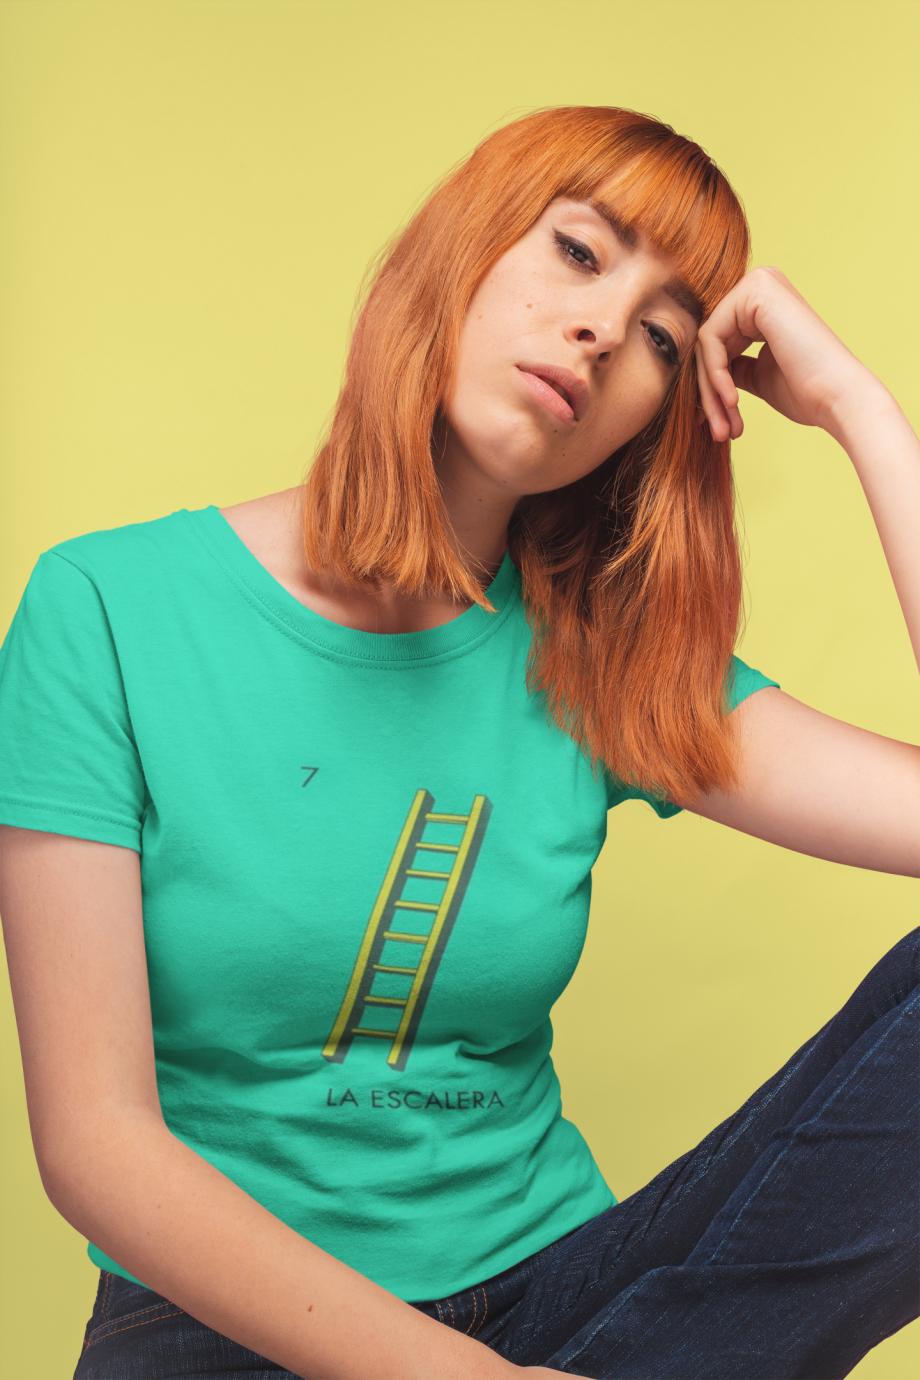 La Escalera Loteria Women's T-Shirt